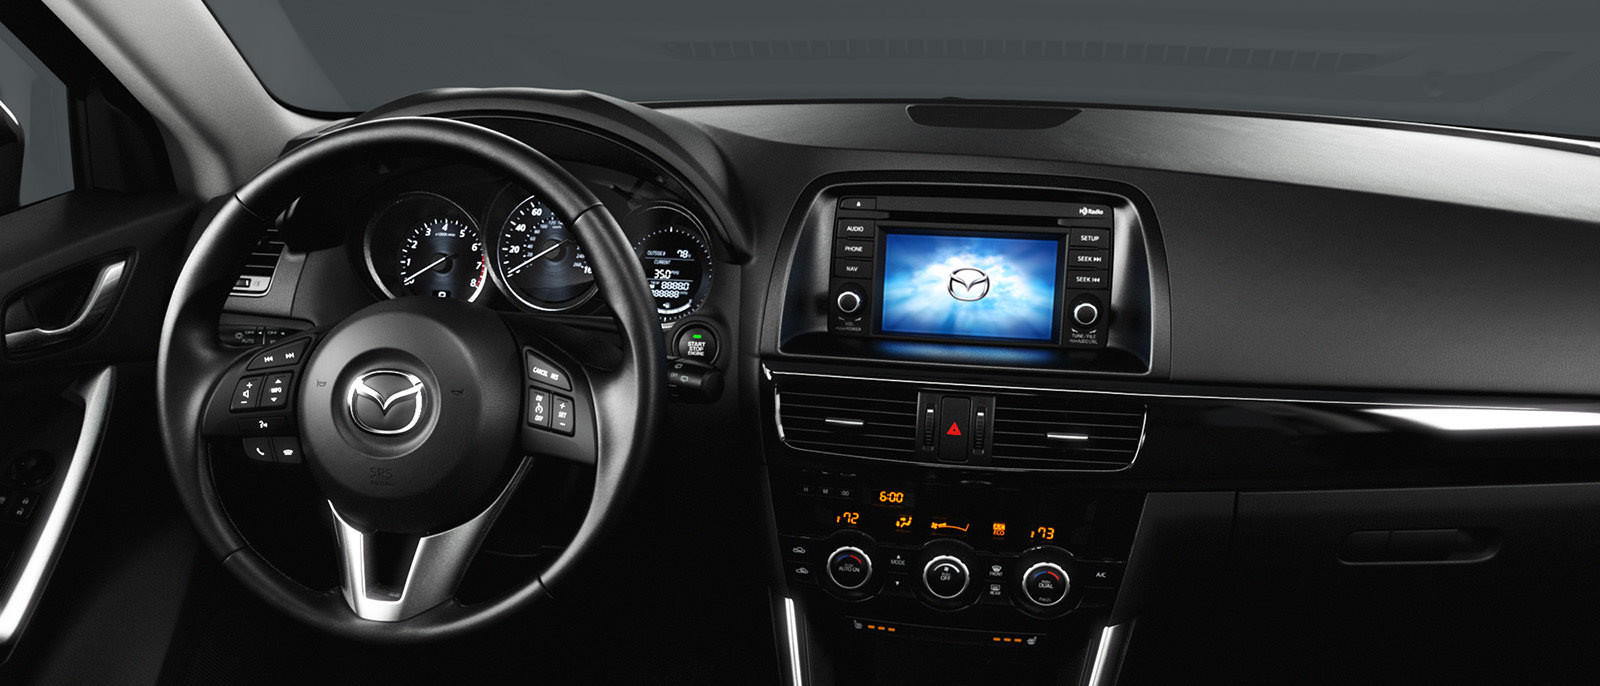 ... Tour The Interior Of Mazda Cx Interior Colors Test Drive Mazda CX Small  SUV Has Quiet Upscale Vibe Times The Interior Of The Mazda CX Features A  Near ...